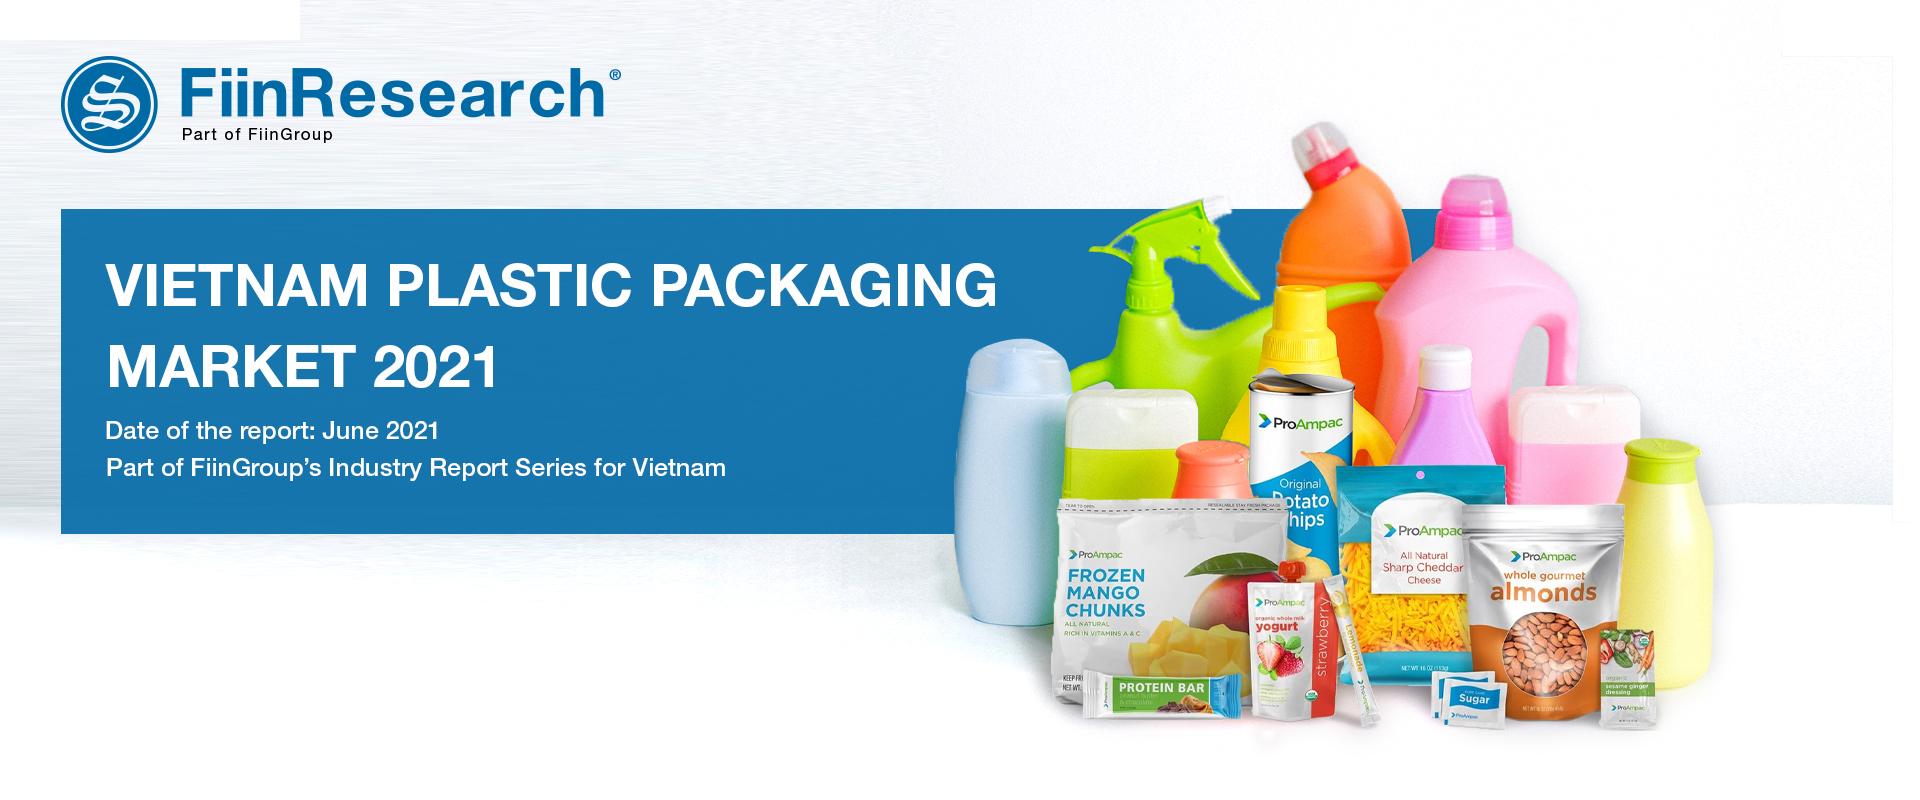 Vietnam Plastic Packaging Market 2021 Report